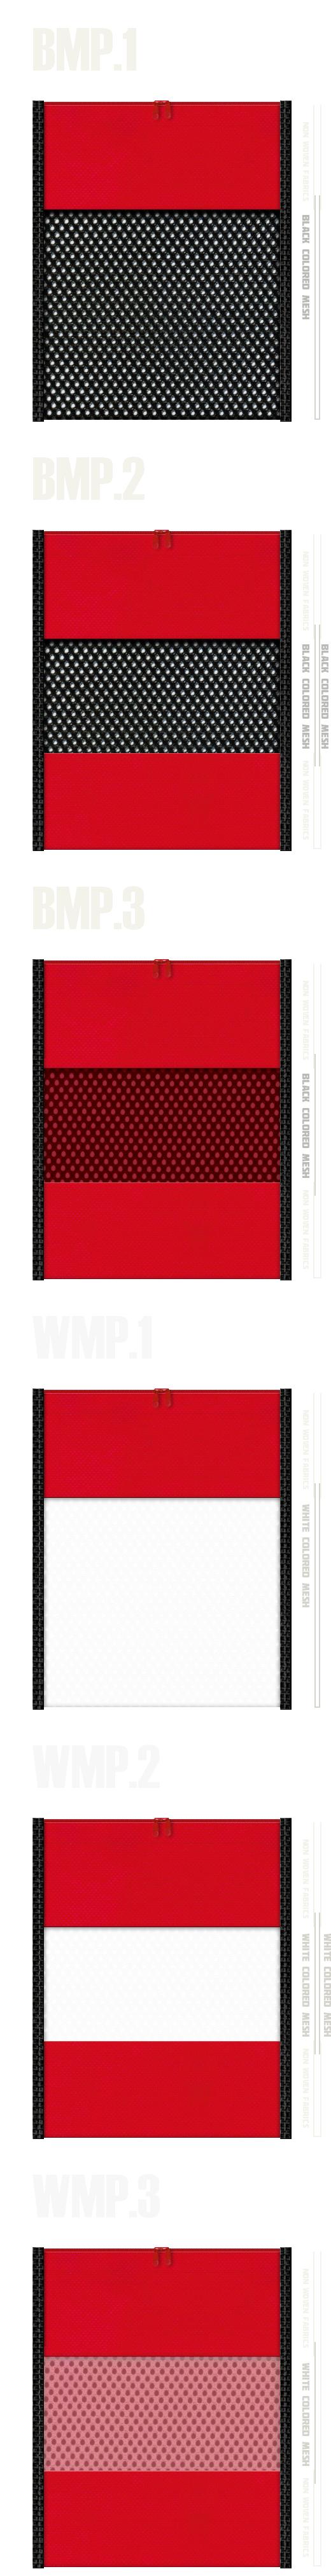 メッシュポーチのカラーシミュレーション:黒色・白色メッシュと紅色不織布の組み合わせ